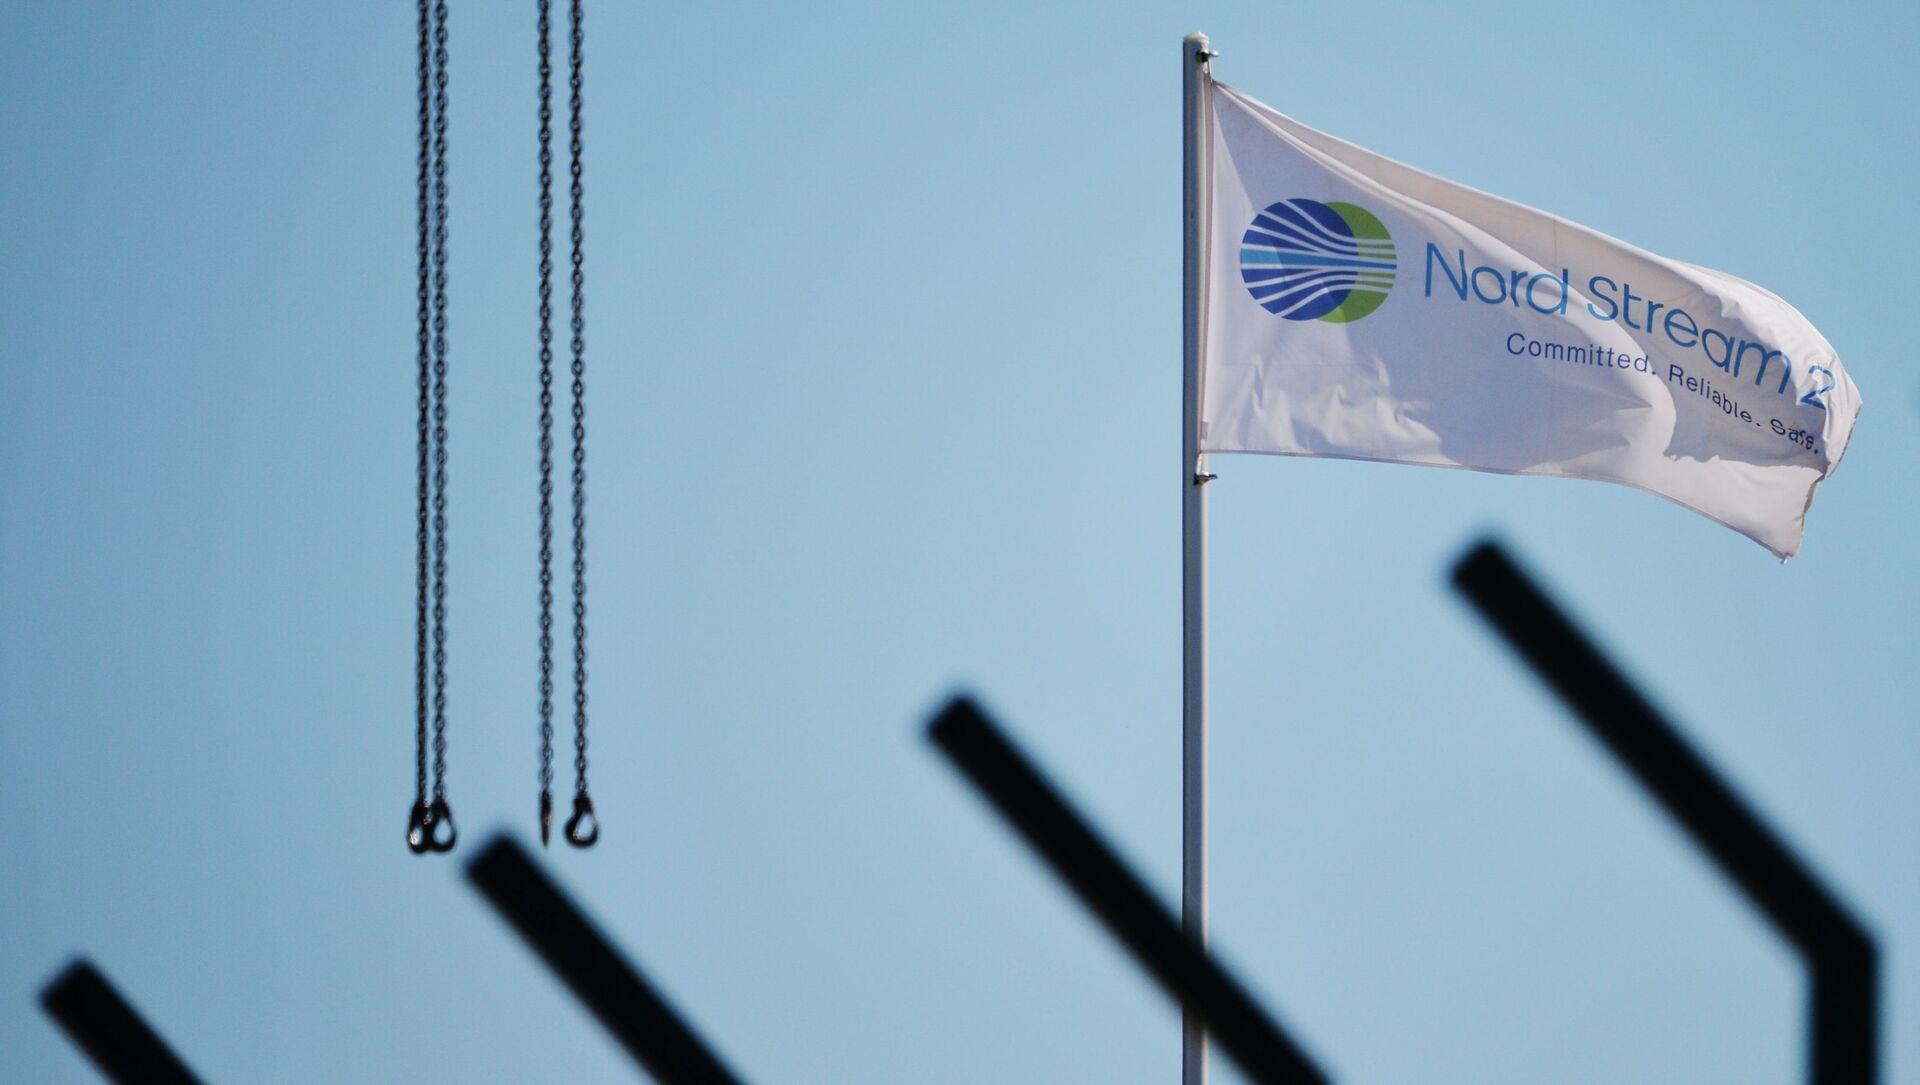 Flaga z symbolami spółki Nord Stream 2 AG,  prowadzącej budowę gazociągu Nord Stream 2  - Sputnik Polska, 1920, 28.05.2021